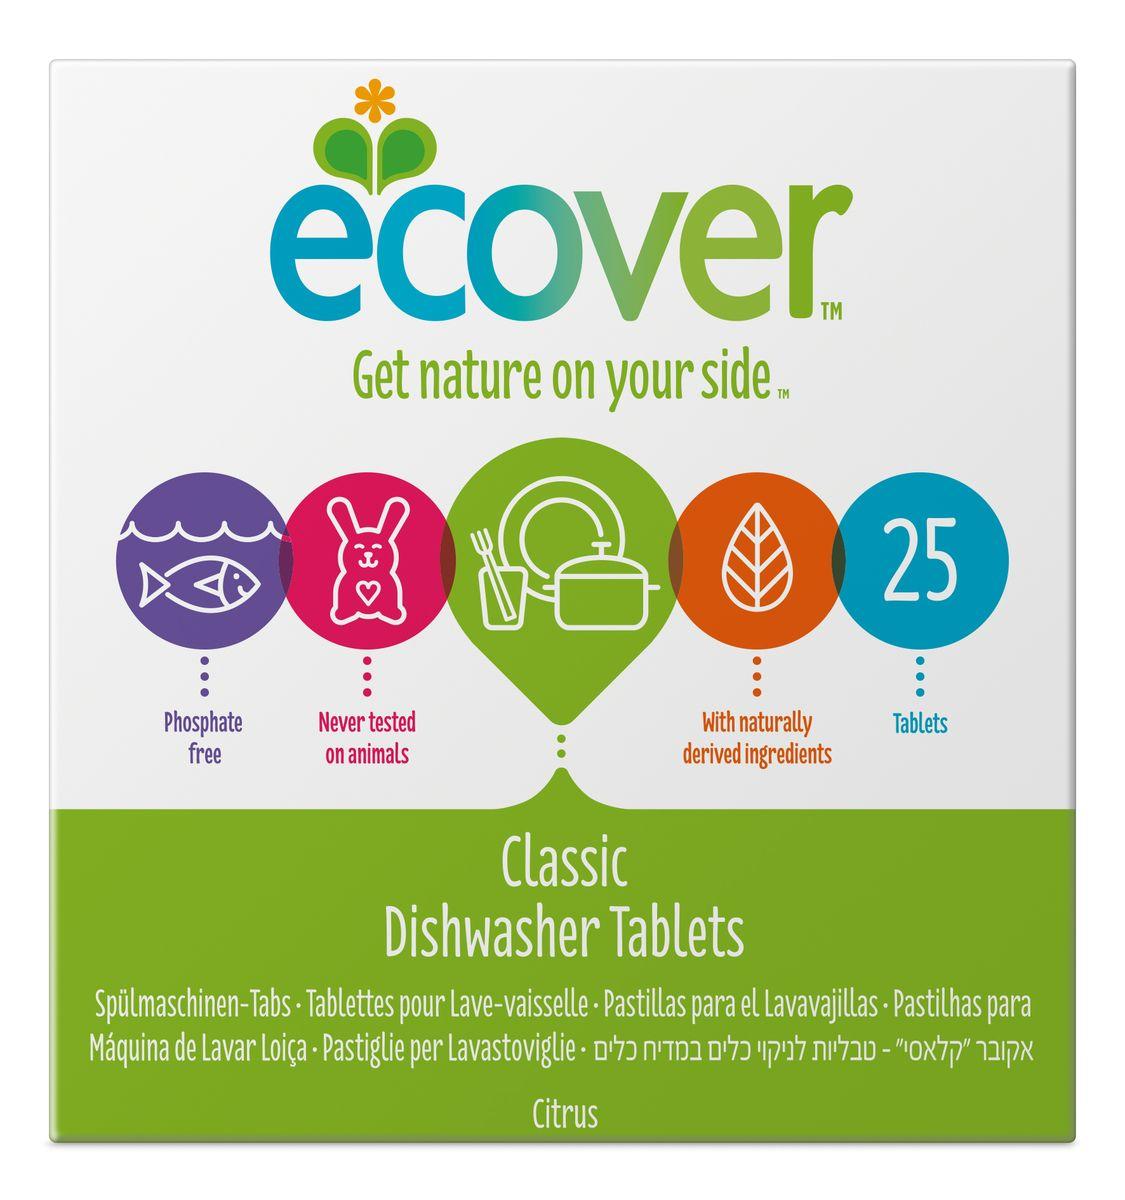 Экологические таблетки для посудомоечной машины Ecover, 25 шт00259Эффективное и экологически чистое средство Ecover для автоматического мытья посуды. Прекрасно удаляет загрязнения и жиры, оставляя посуду чистой и придавая ей блеск, не оставляя после себя никаких следов. Предотвращает образование известковых отложений на посуде и нагревательных элементах посудомоечной машины за счет использования быстроразлагаемых полипептидов. Каждая таблетка имеет индивидуальную упаковку. Не содержит синтетических ароматизаторов и хлора! Содержит энзимы (не ГМО). Обладает легким натуральным ароматом лимона. Подходит для использования в домах с автономной канализацией. Не наносит вреда любым видам септиков! Характеристики: Состав: 15-30% кислородный отбеливатель, цеолиты; Количество таблеток в упаковке: 25 шт. Вес: 500 г. ...